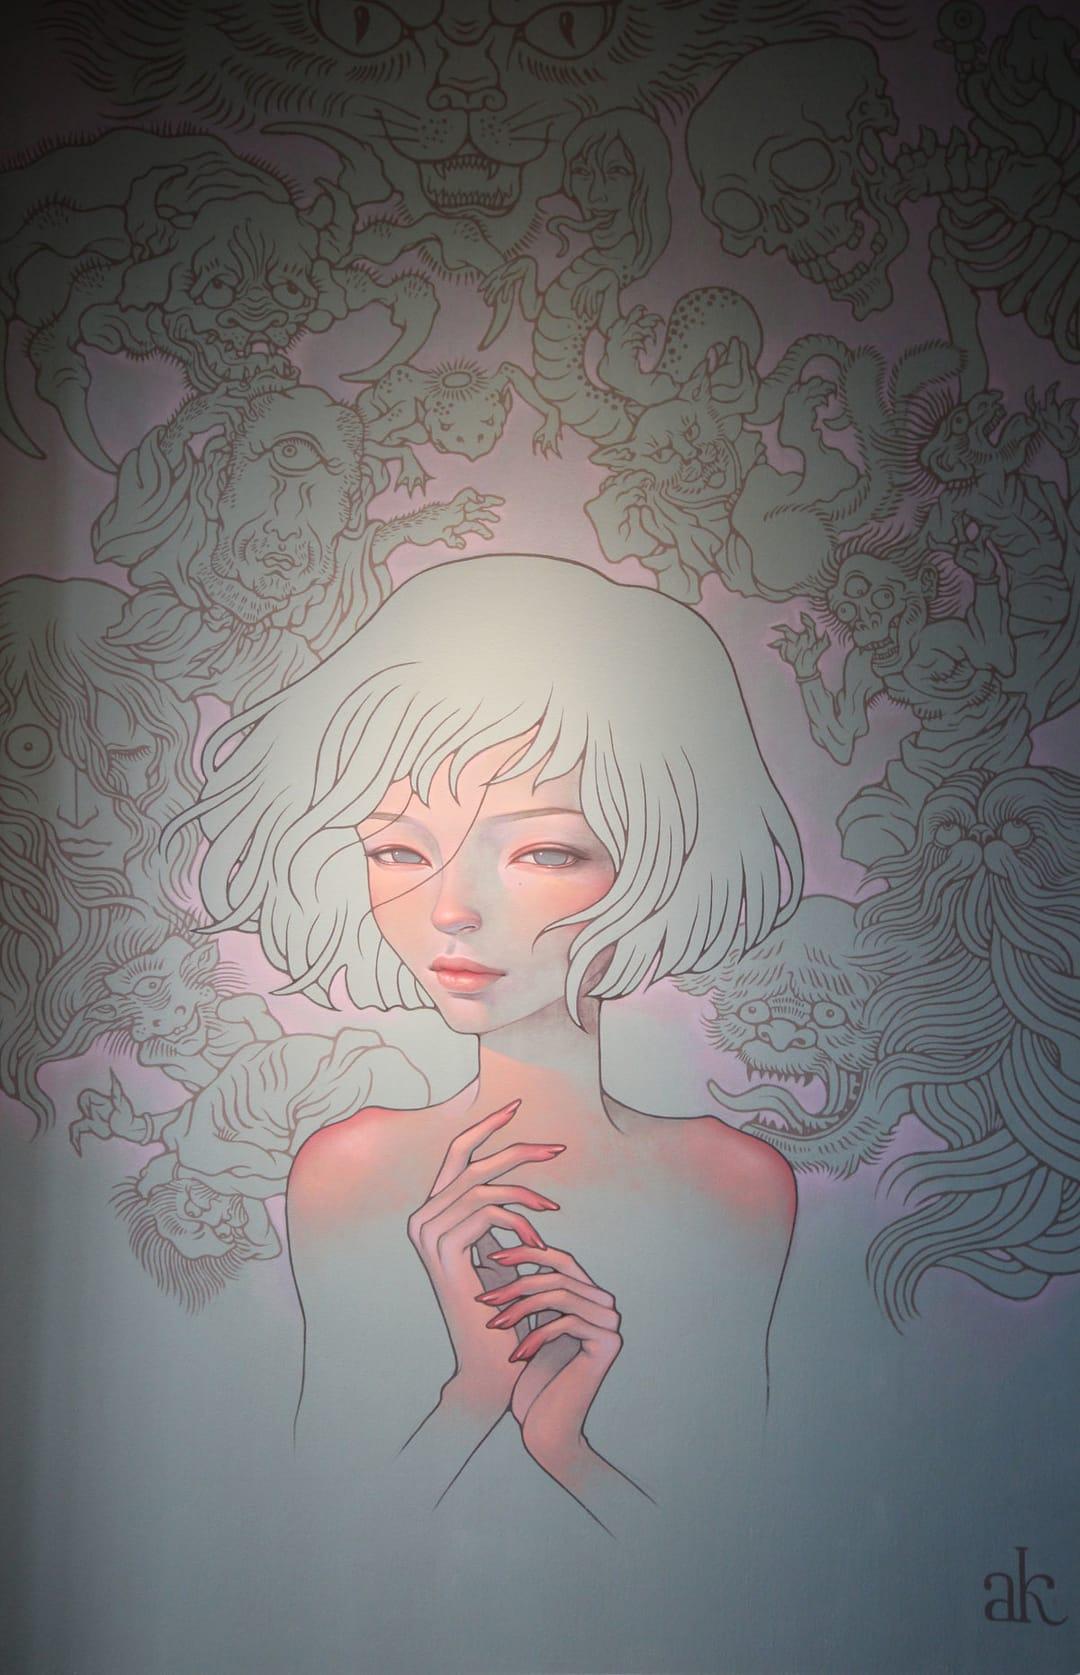 by painter Audrey Kawasaki